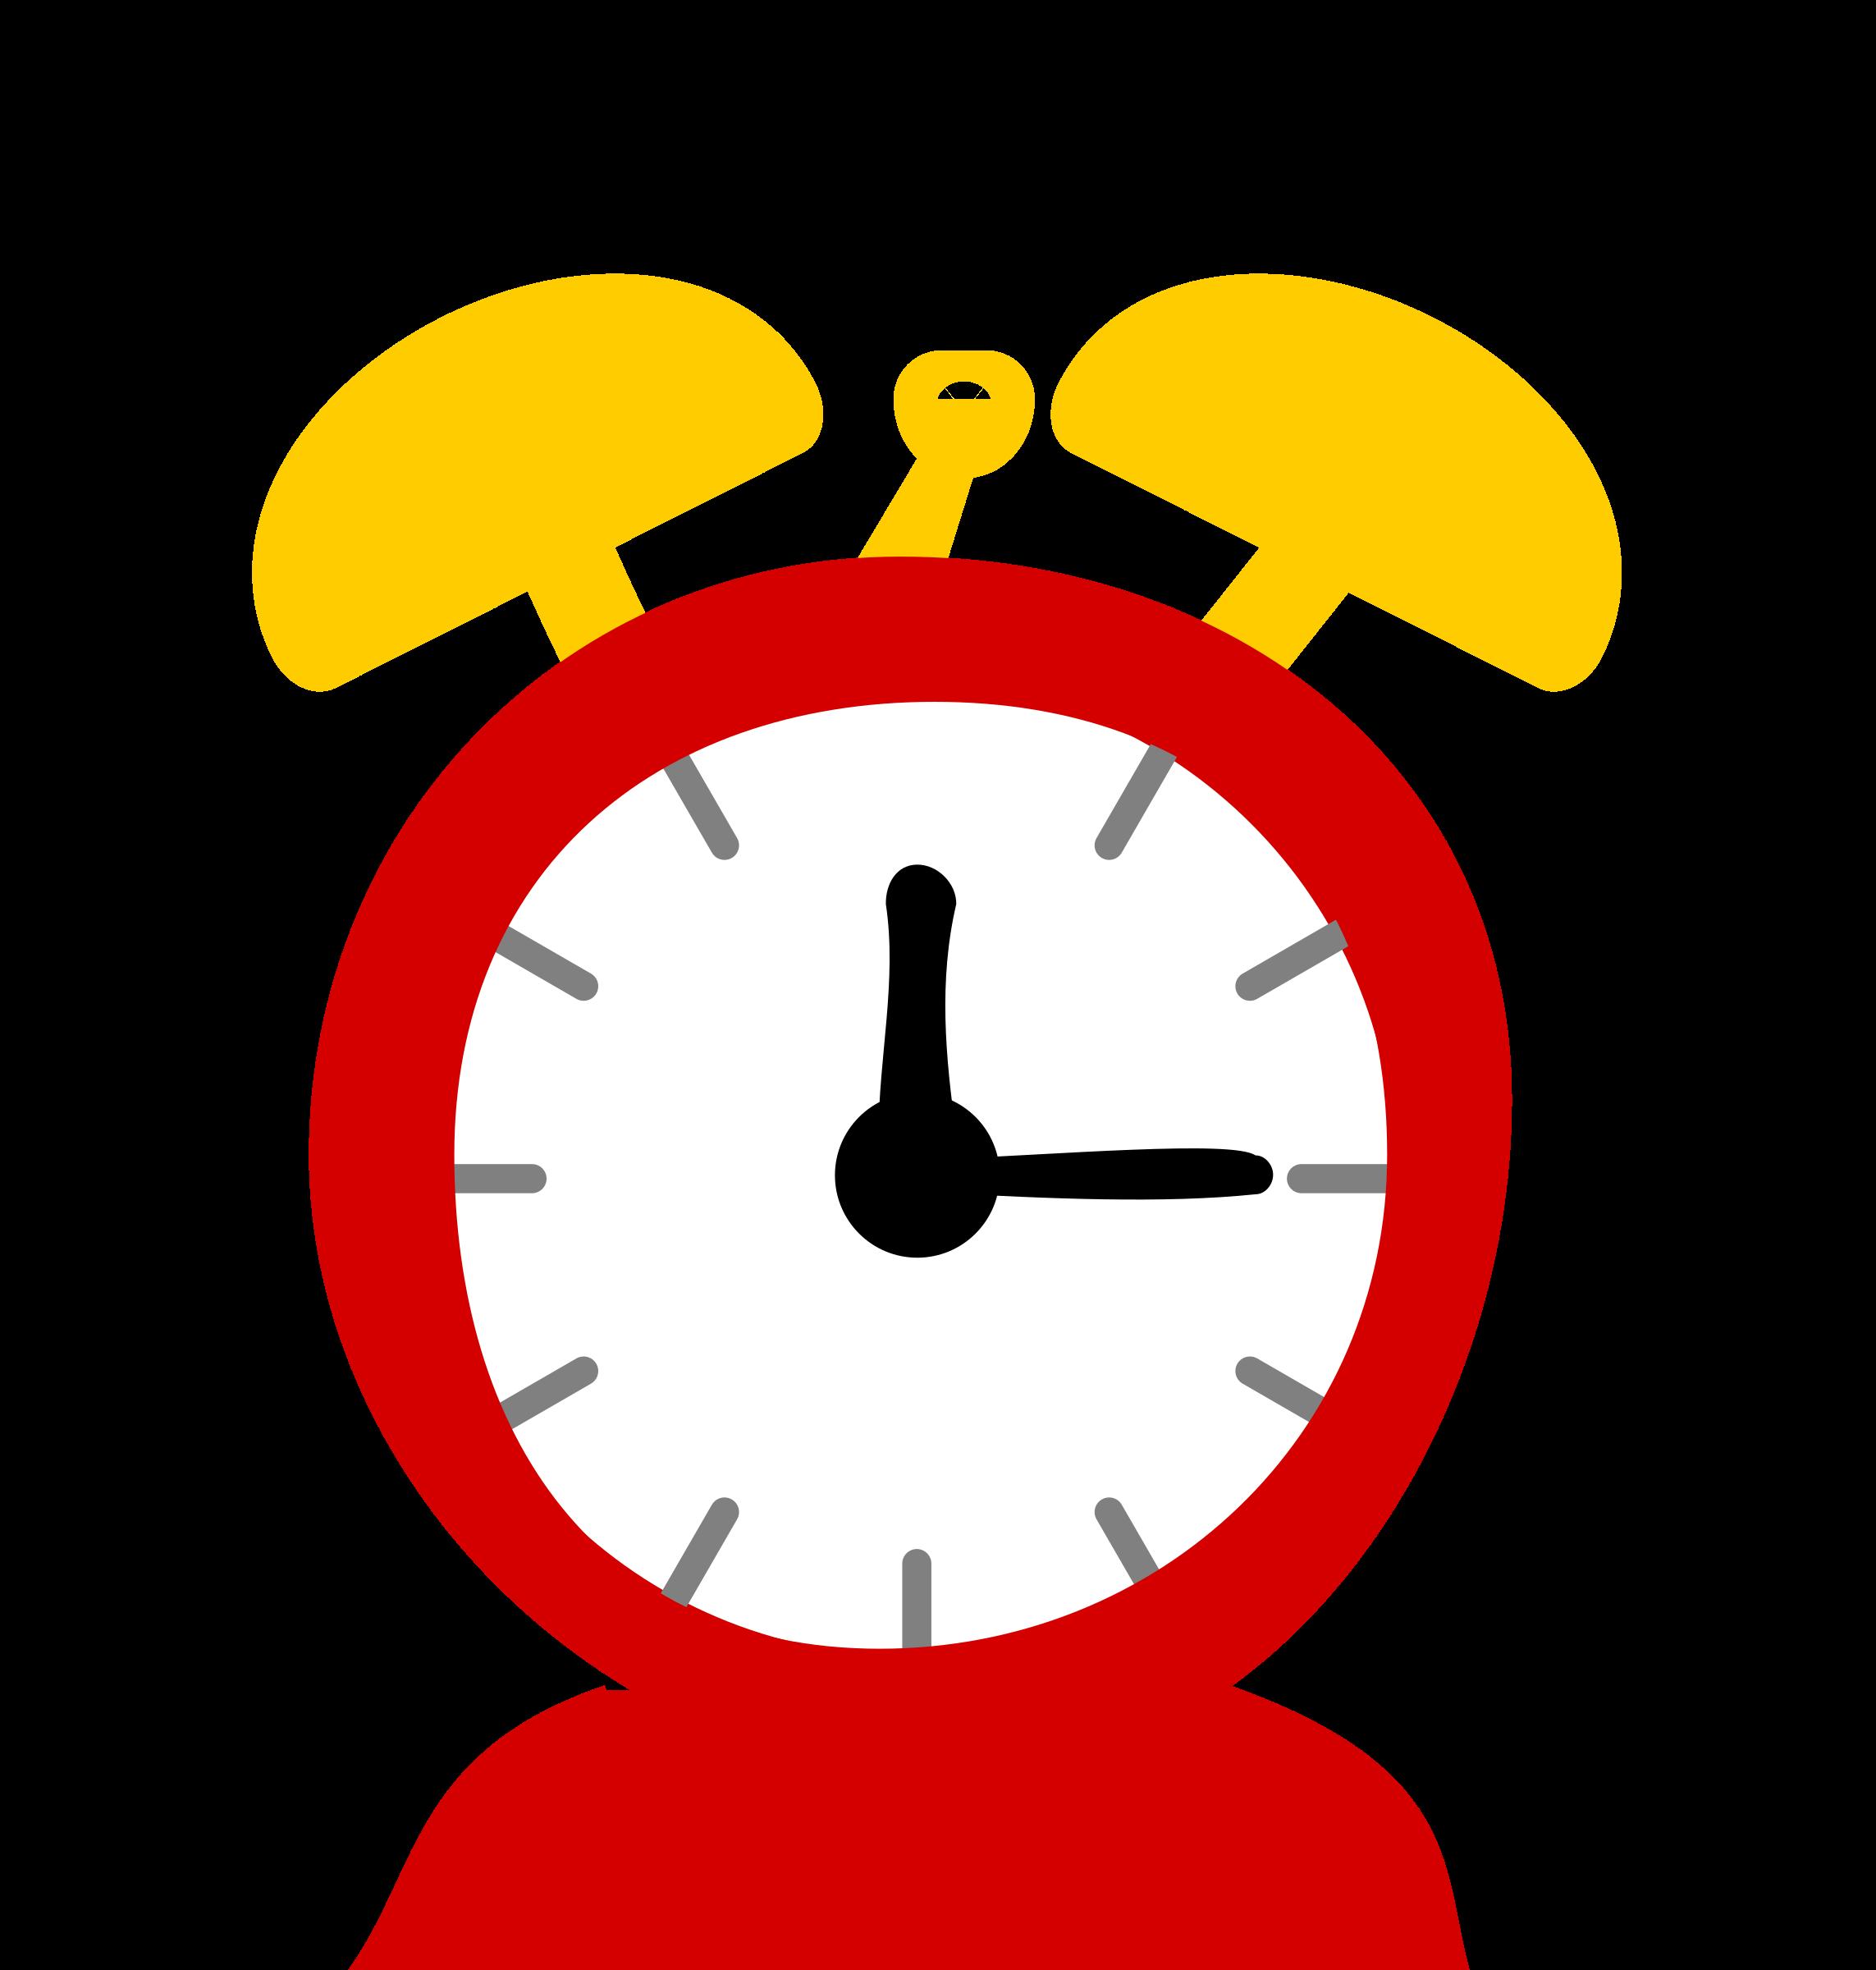 Alarm Clock By Krzysiu